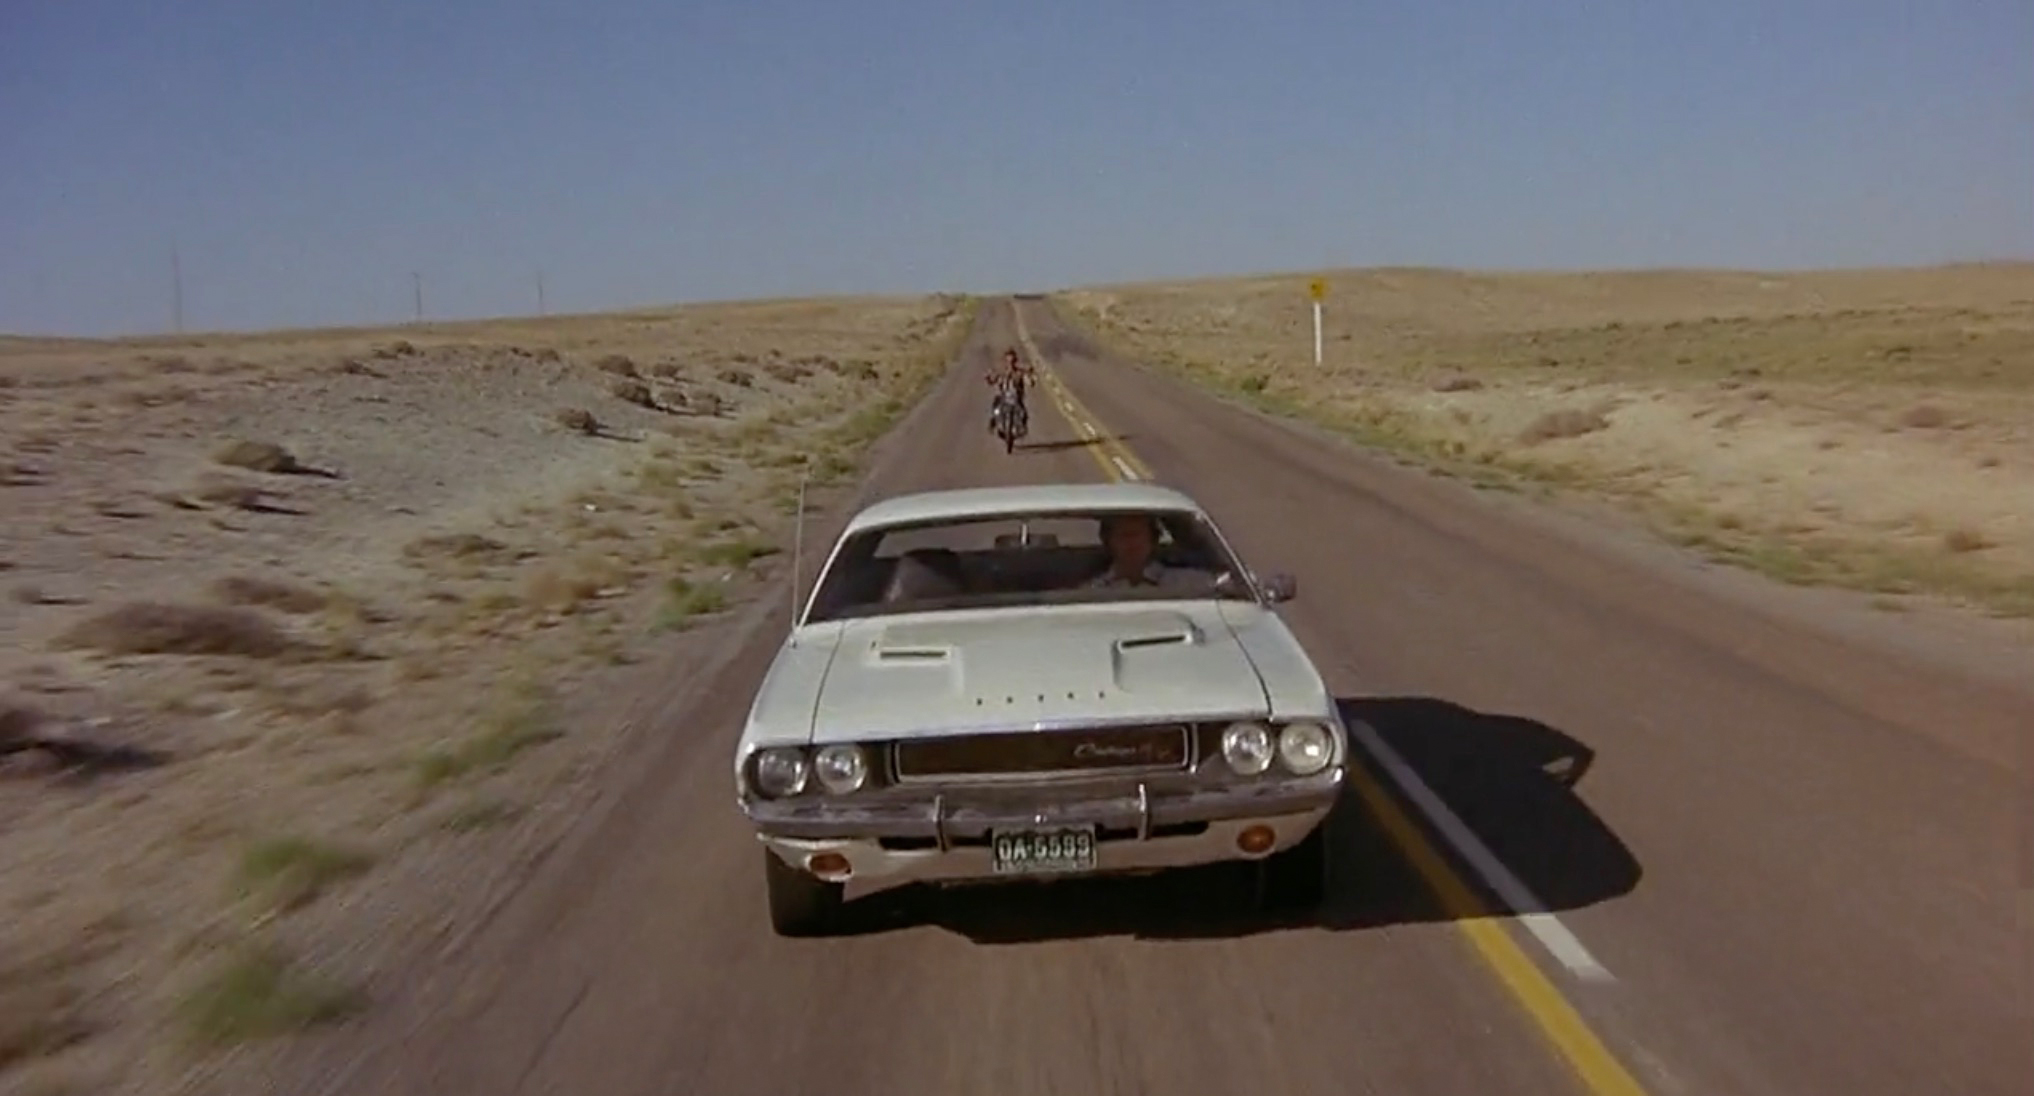 1970 Dodge Challenger R/T 440 Magnum front desert highway action